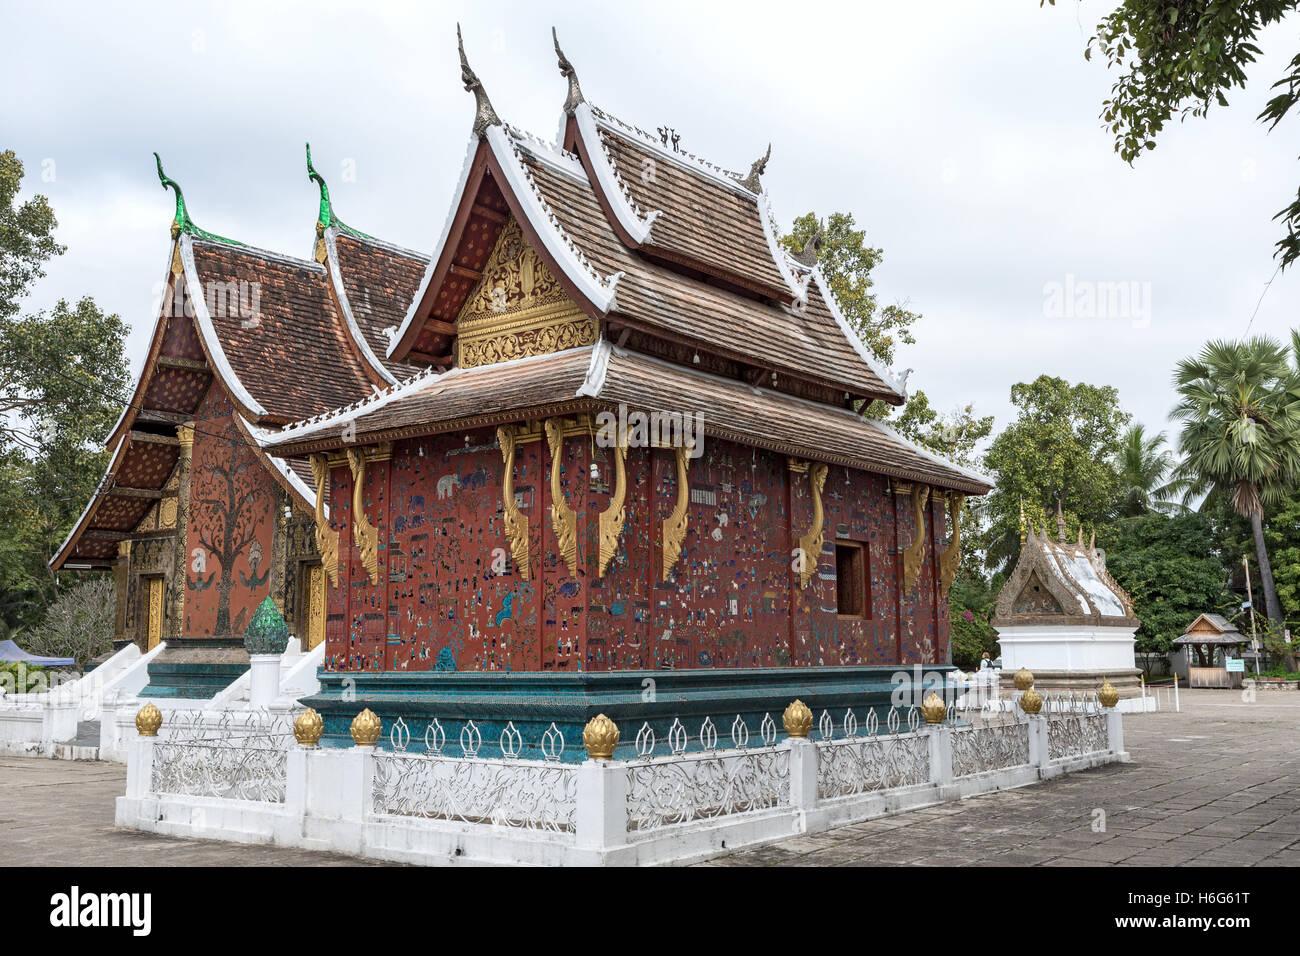 Wat Xieng Maun temple Luang Prabang Laos - oldest temple from 1500s - Stock Image